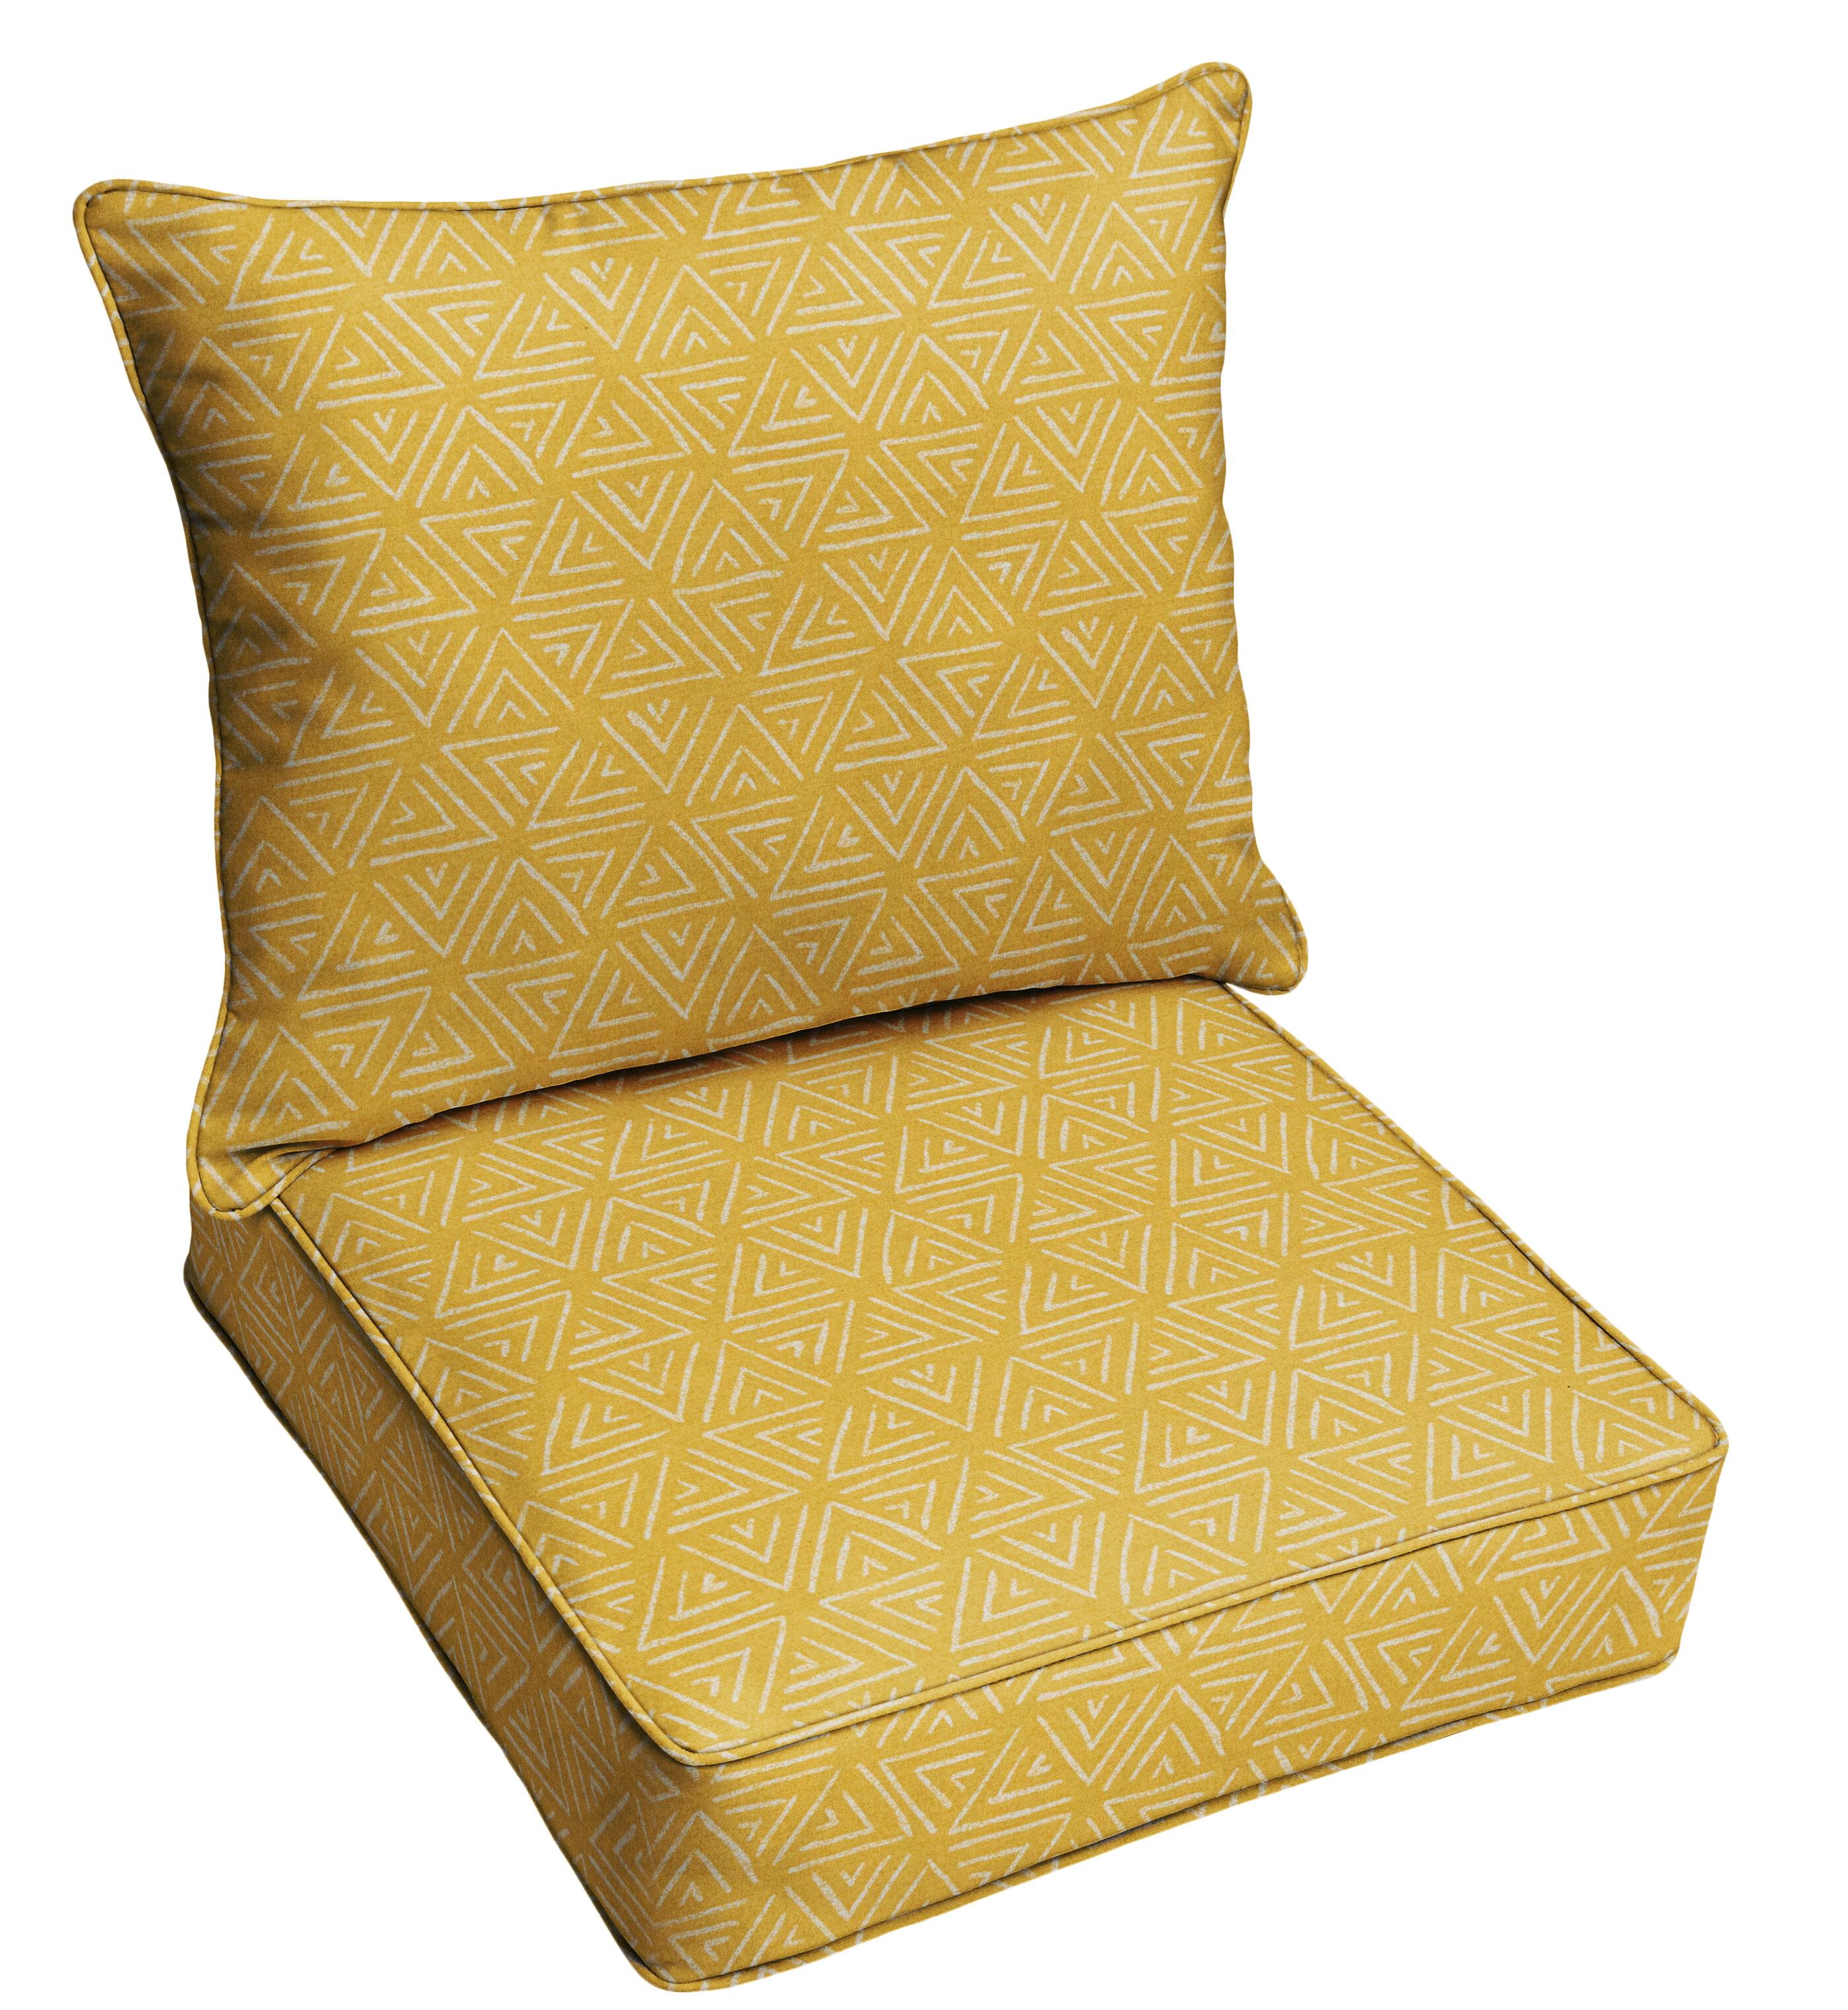 Corrigan Studio 2 Piece Triangle Corded Indoor Outdoor Dining Chair Cushion Set Wayfair